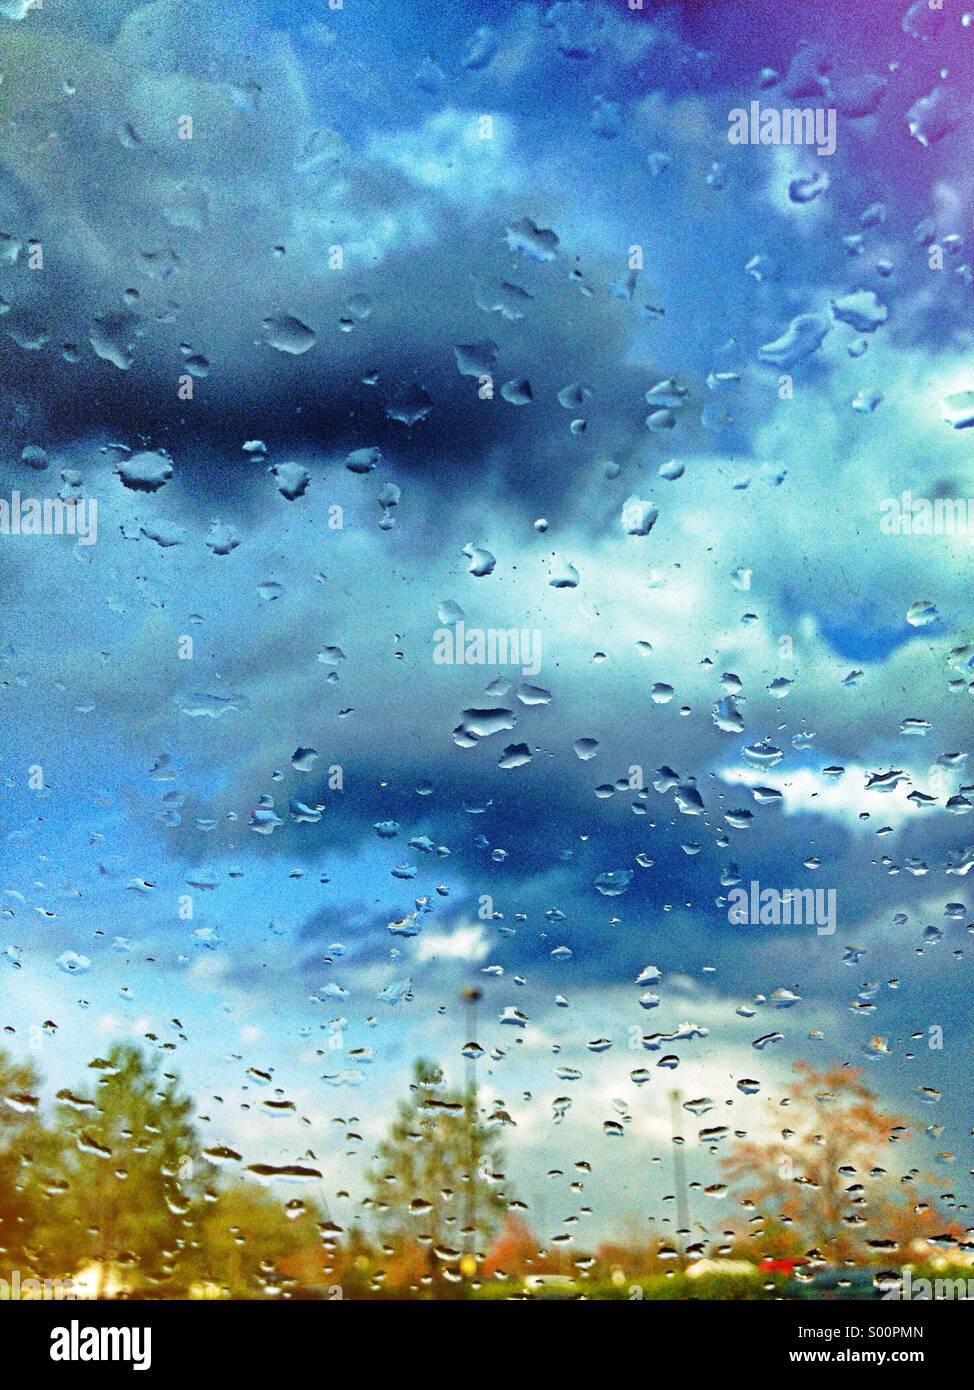 Rainy blue sky e alberi visto attraverso la finestra umido Immagini Stock